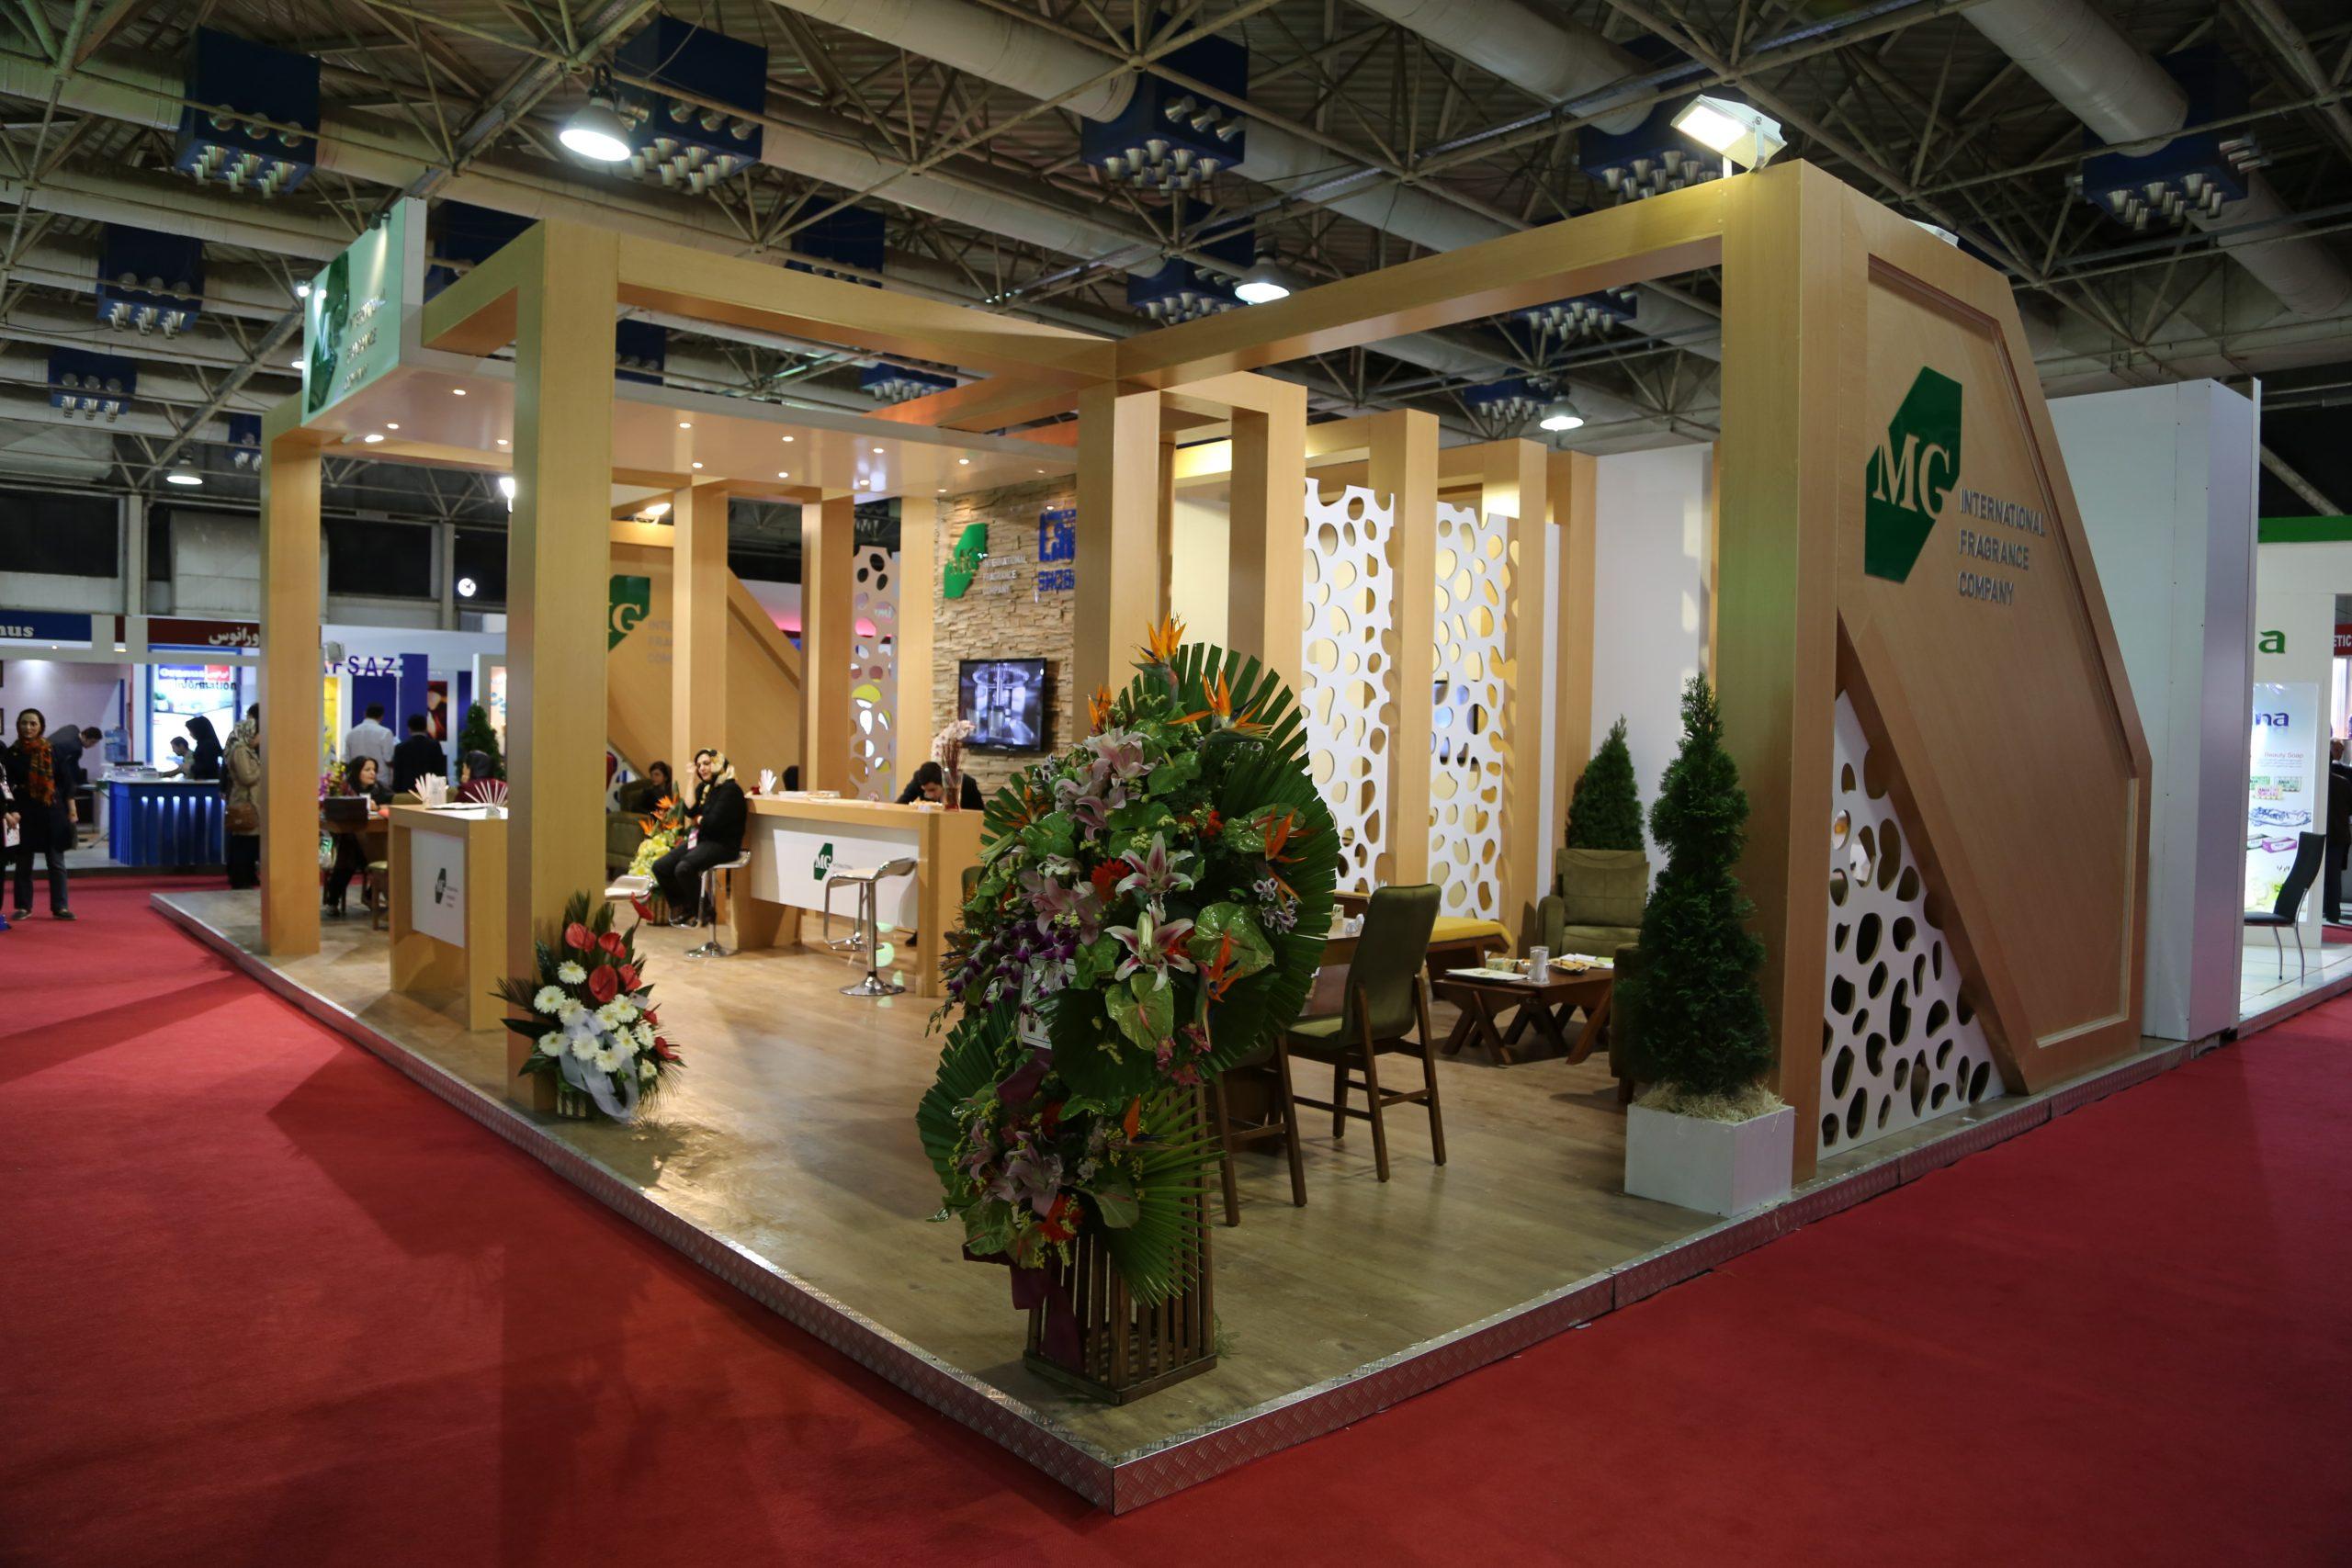 غرفه شرکت شوبات در نمایشگاه ایران بیوتی